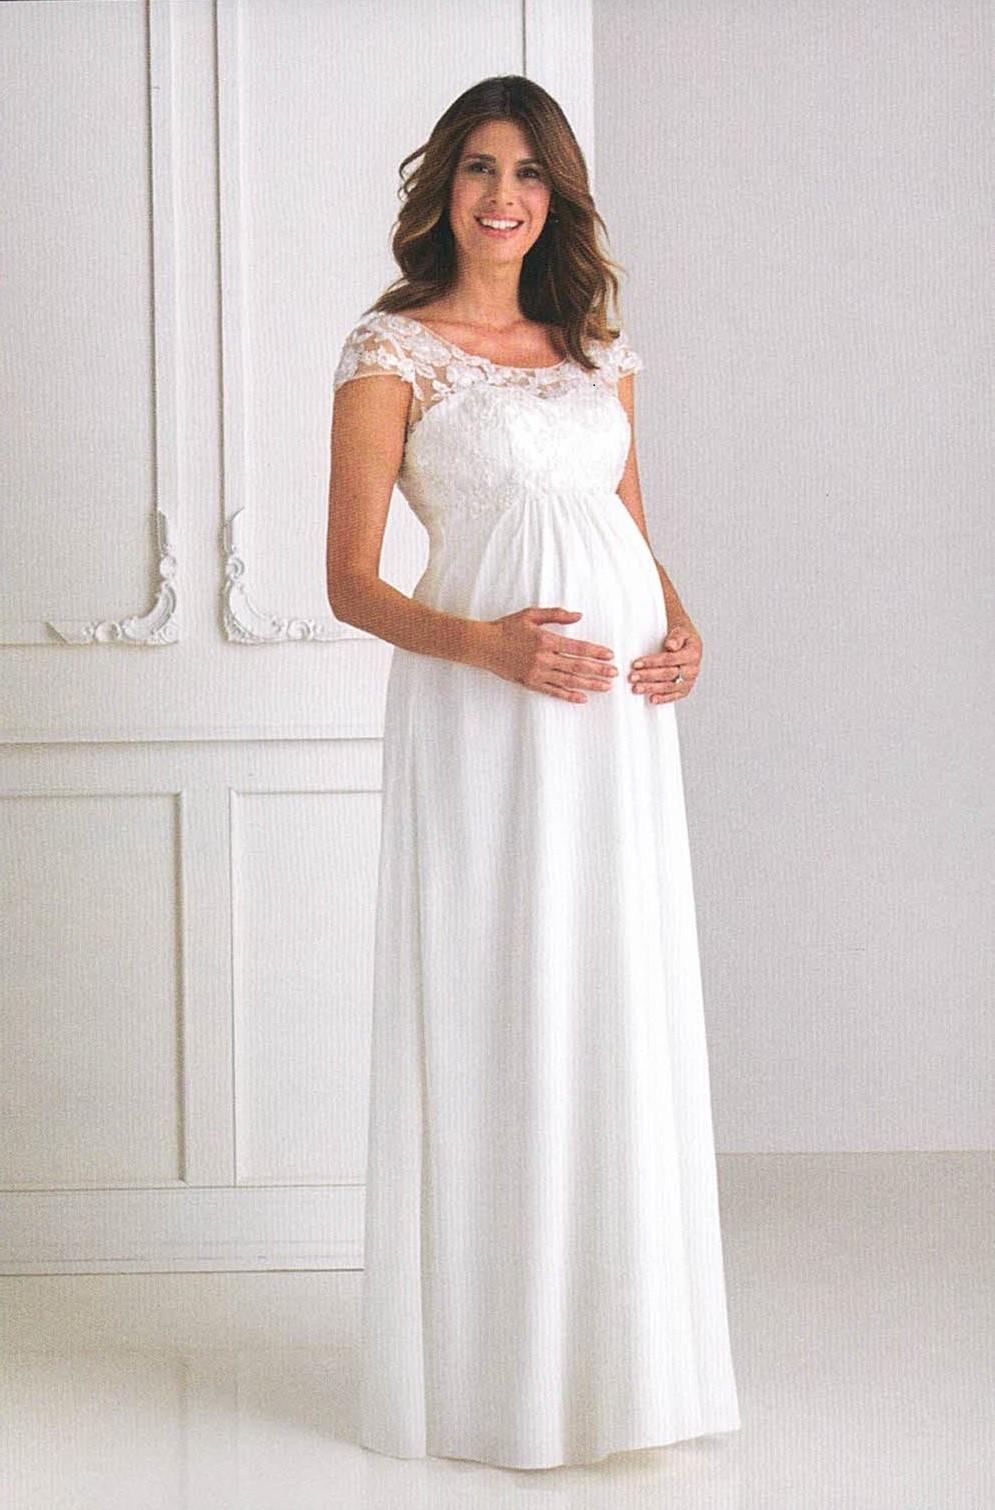 Brautkleider Hochzeitskleider Mode für schwangere langes Kleid mit Spitze und kleiner Ärmel weitem rundem Auschnitt